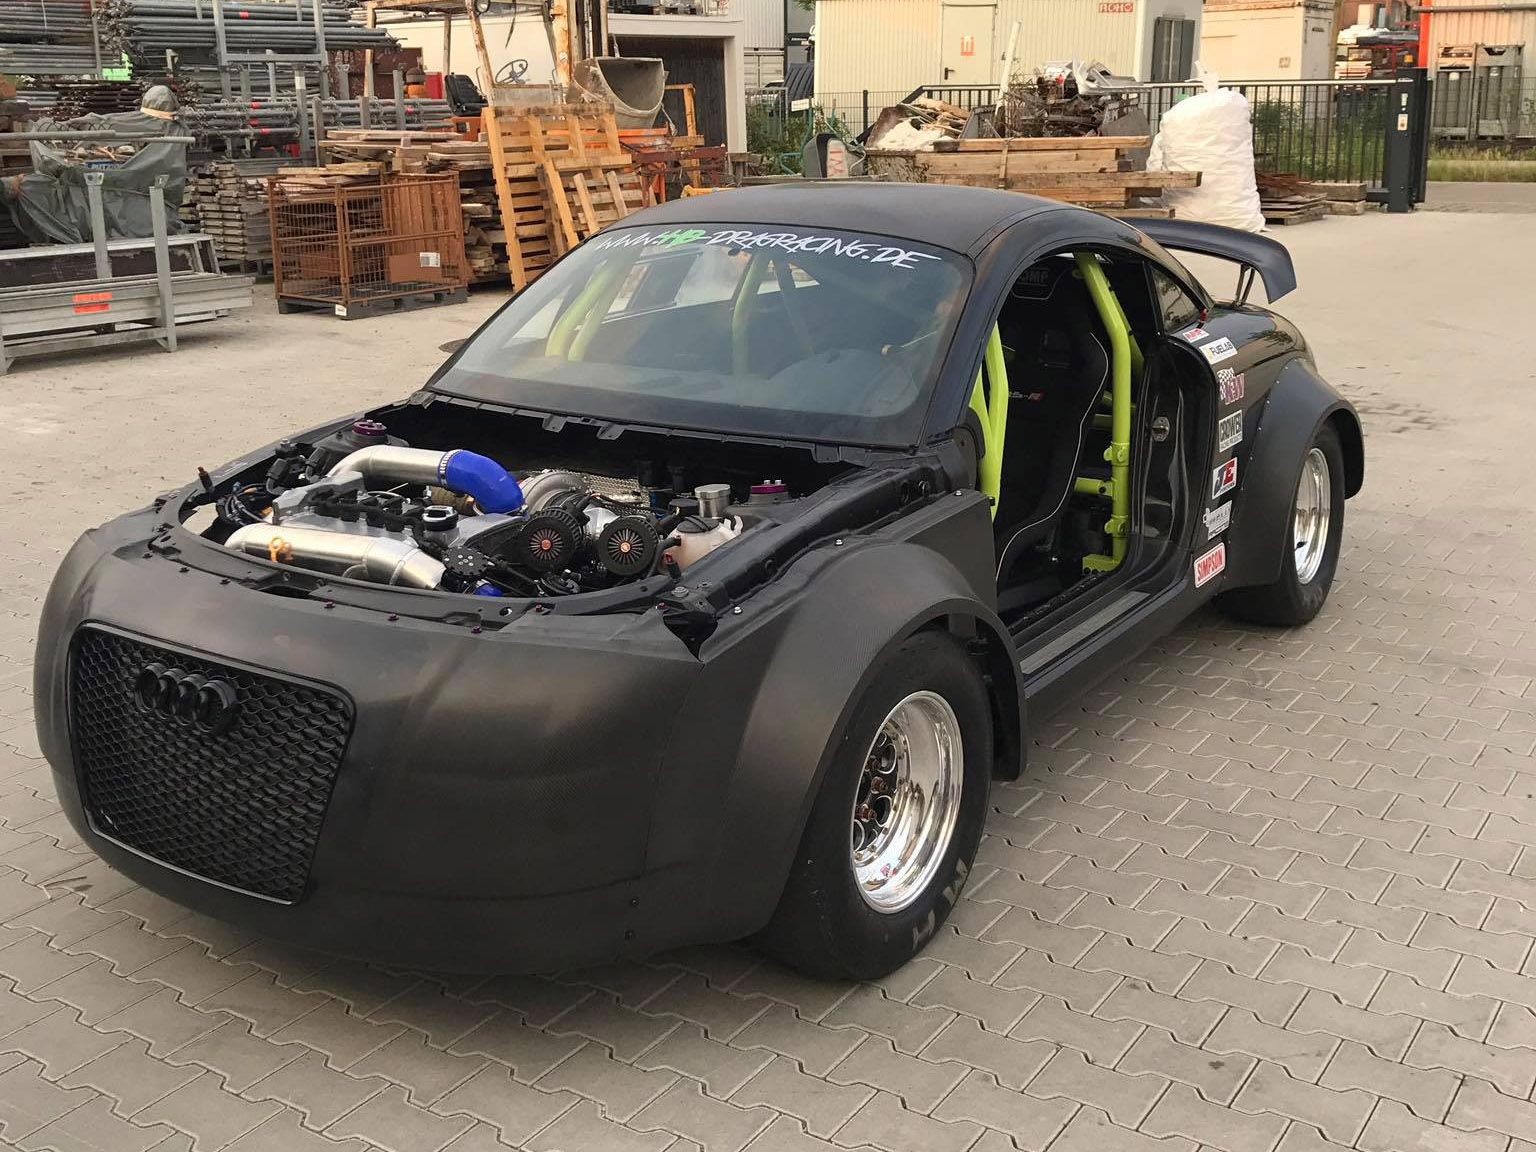 Kelebihan Kekurangan Audi Tt Turbo Perbandingan Harga